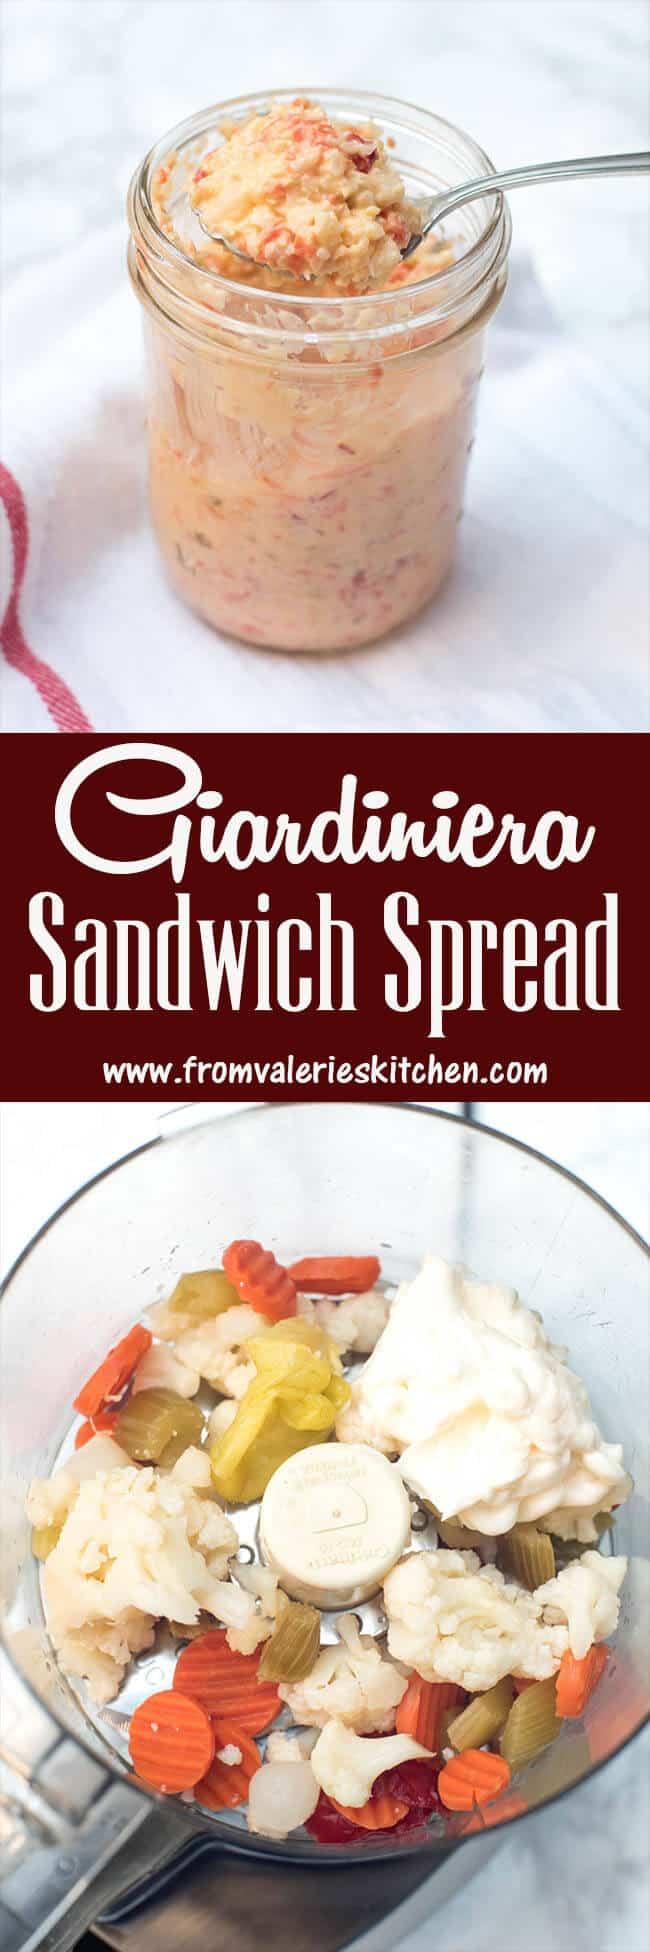 Giardiniera Sandwich Spread